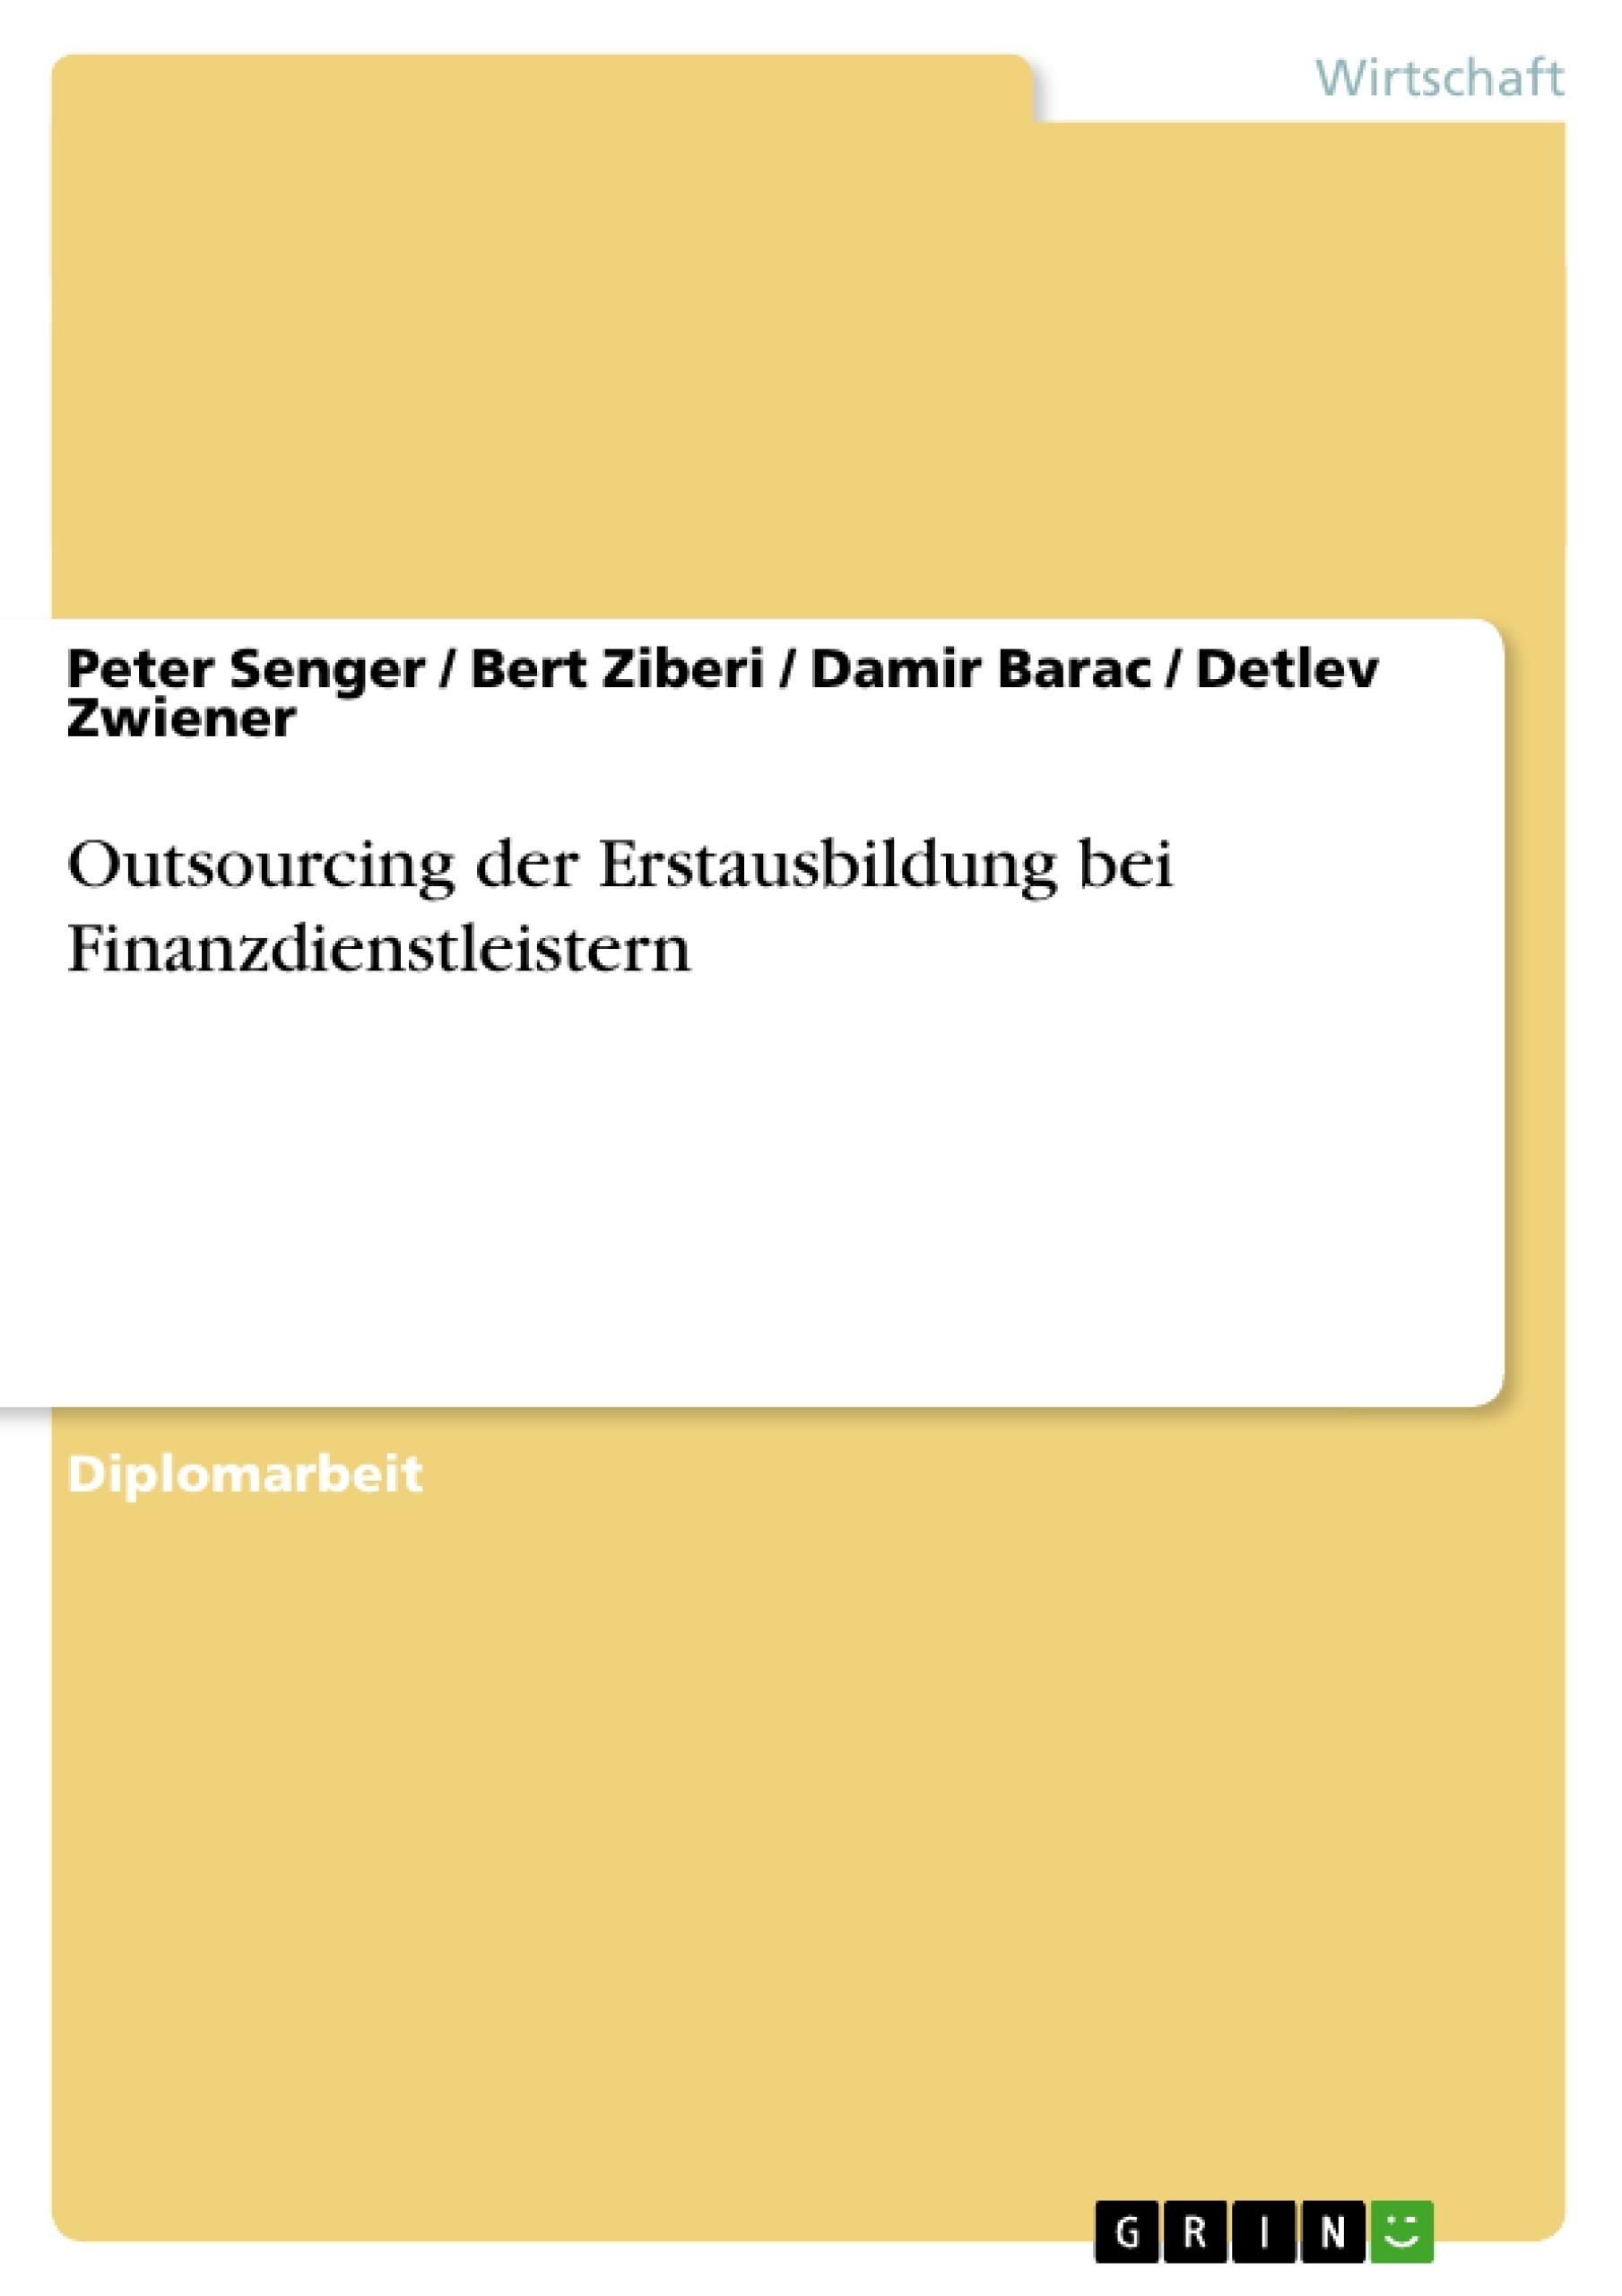 Titel: Outsourcing der Erstausbildung bei Finanzdienstleistern